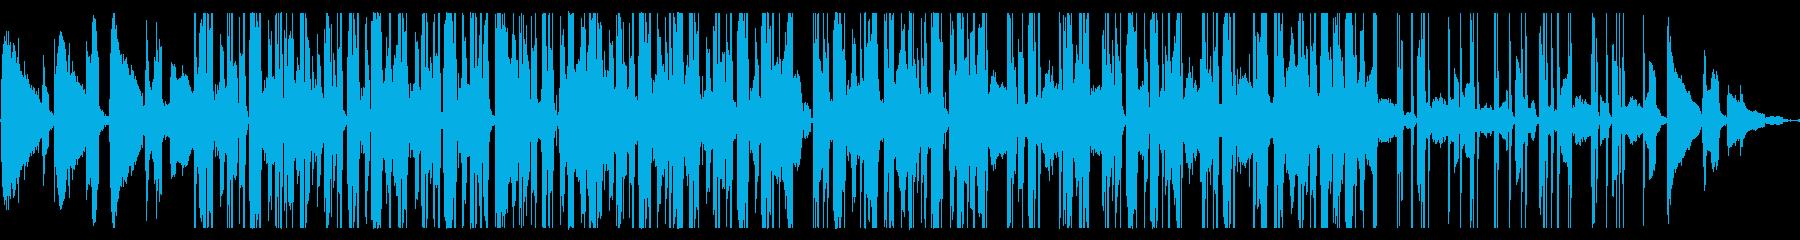 ヒップホップでレトロな曲の再生済みの波形